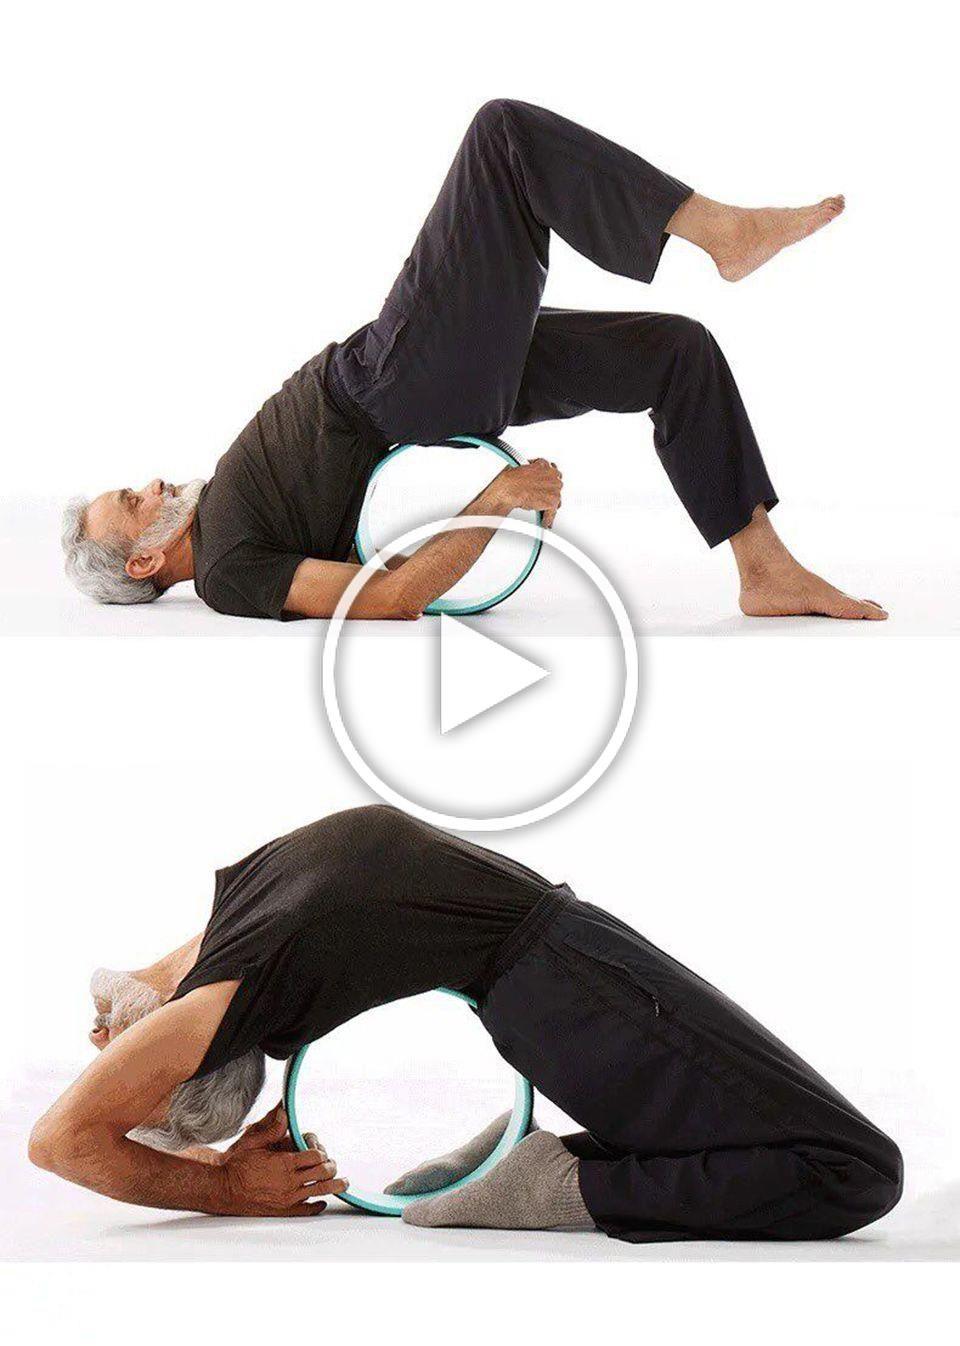 #Yoga #Pilates #Fitness #YogaCircles #YogaProducts #PilatesCircles #PilatesProducts #YogaTrends #Fit...